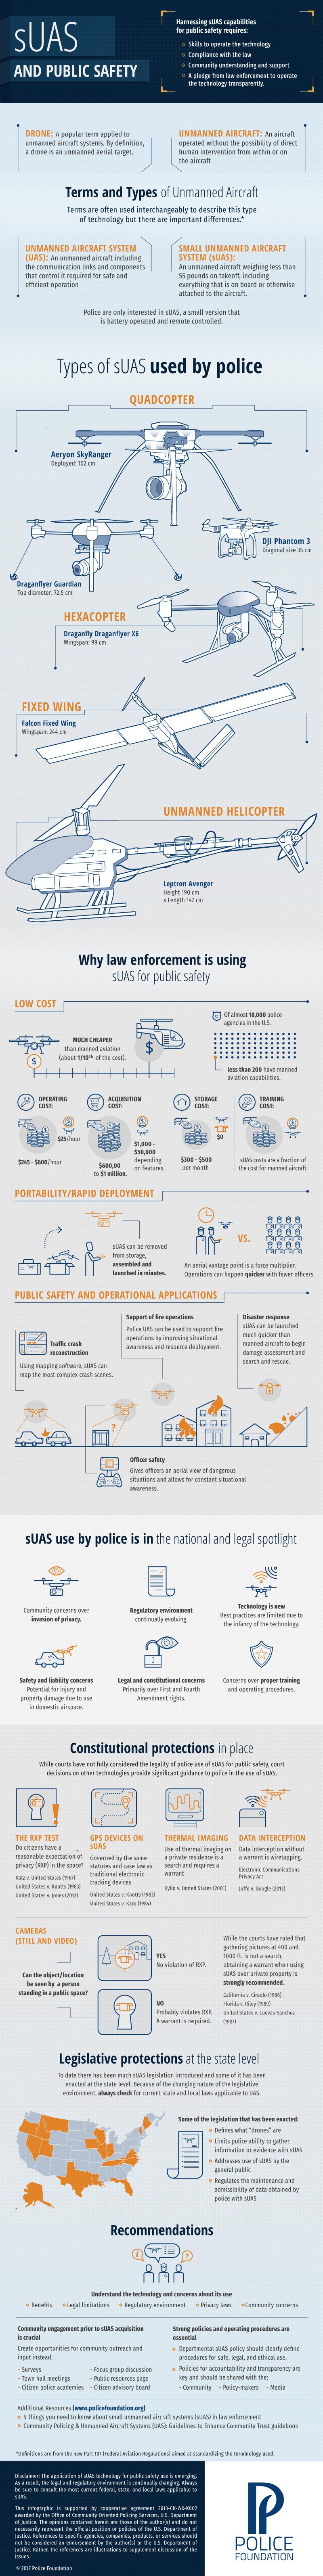 SUAS_Infographic_Final